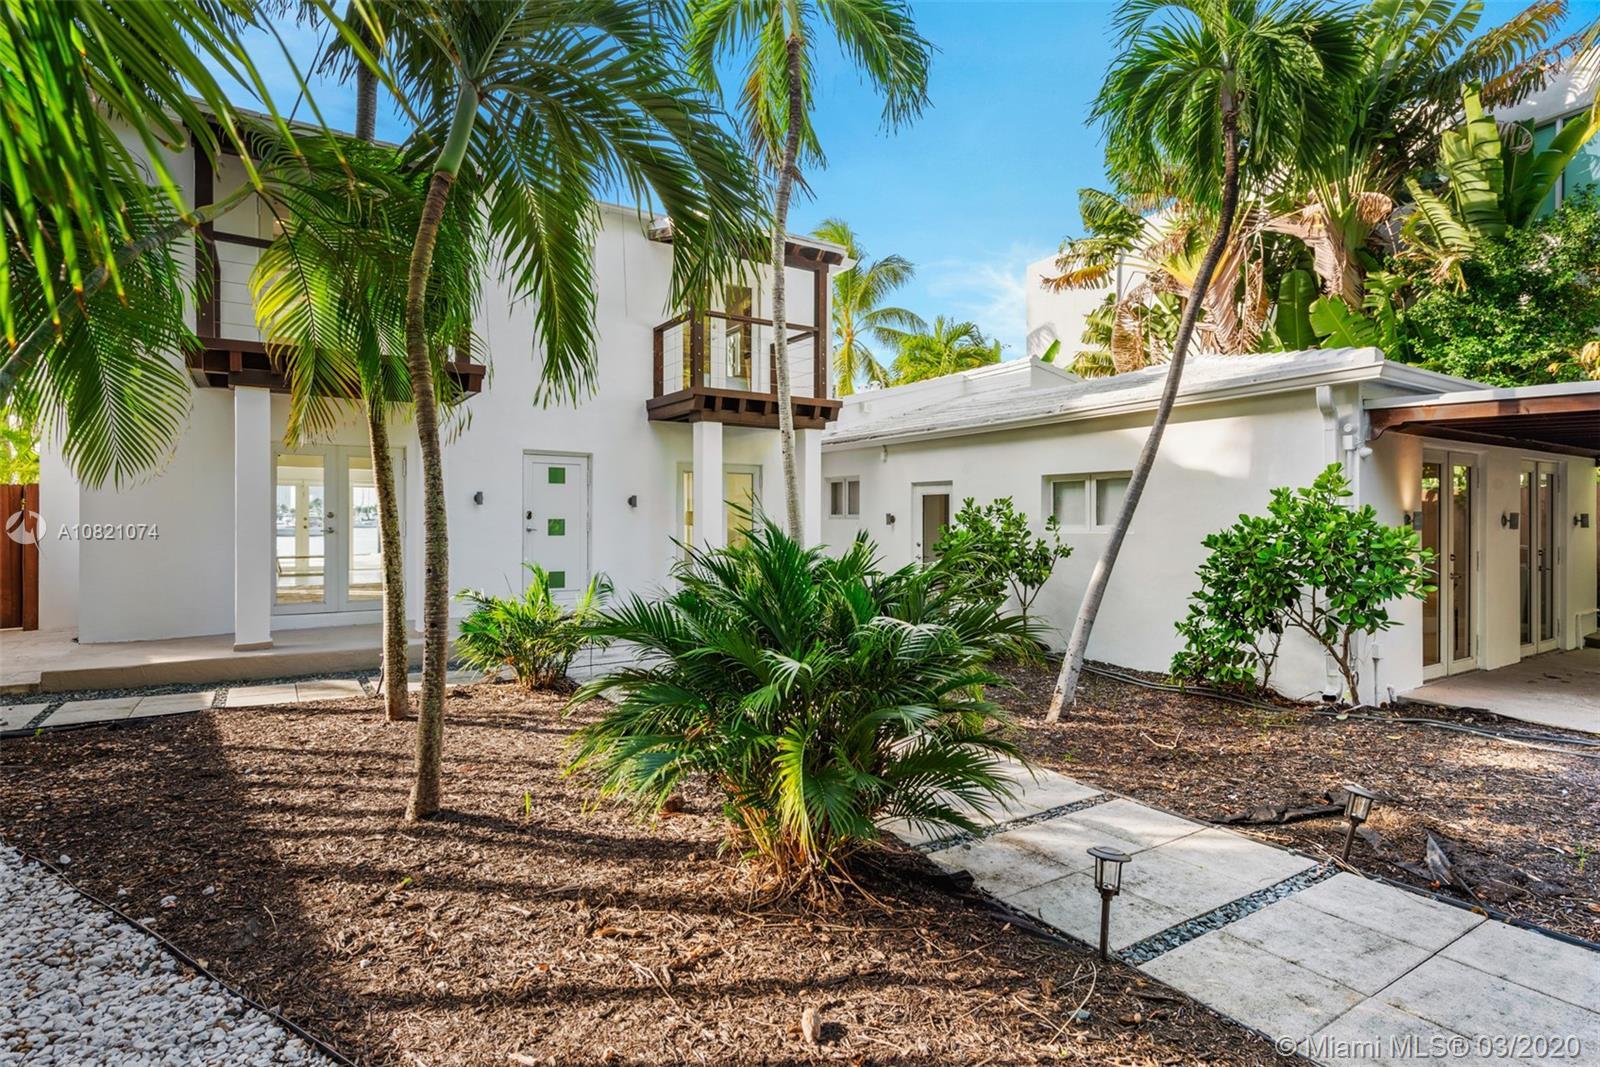 316 S Coconut Ln, Miami Beach FL 33139